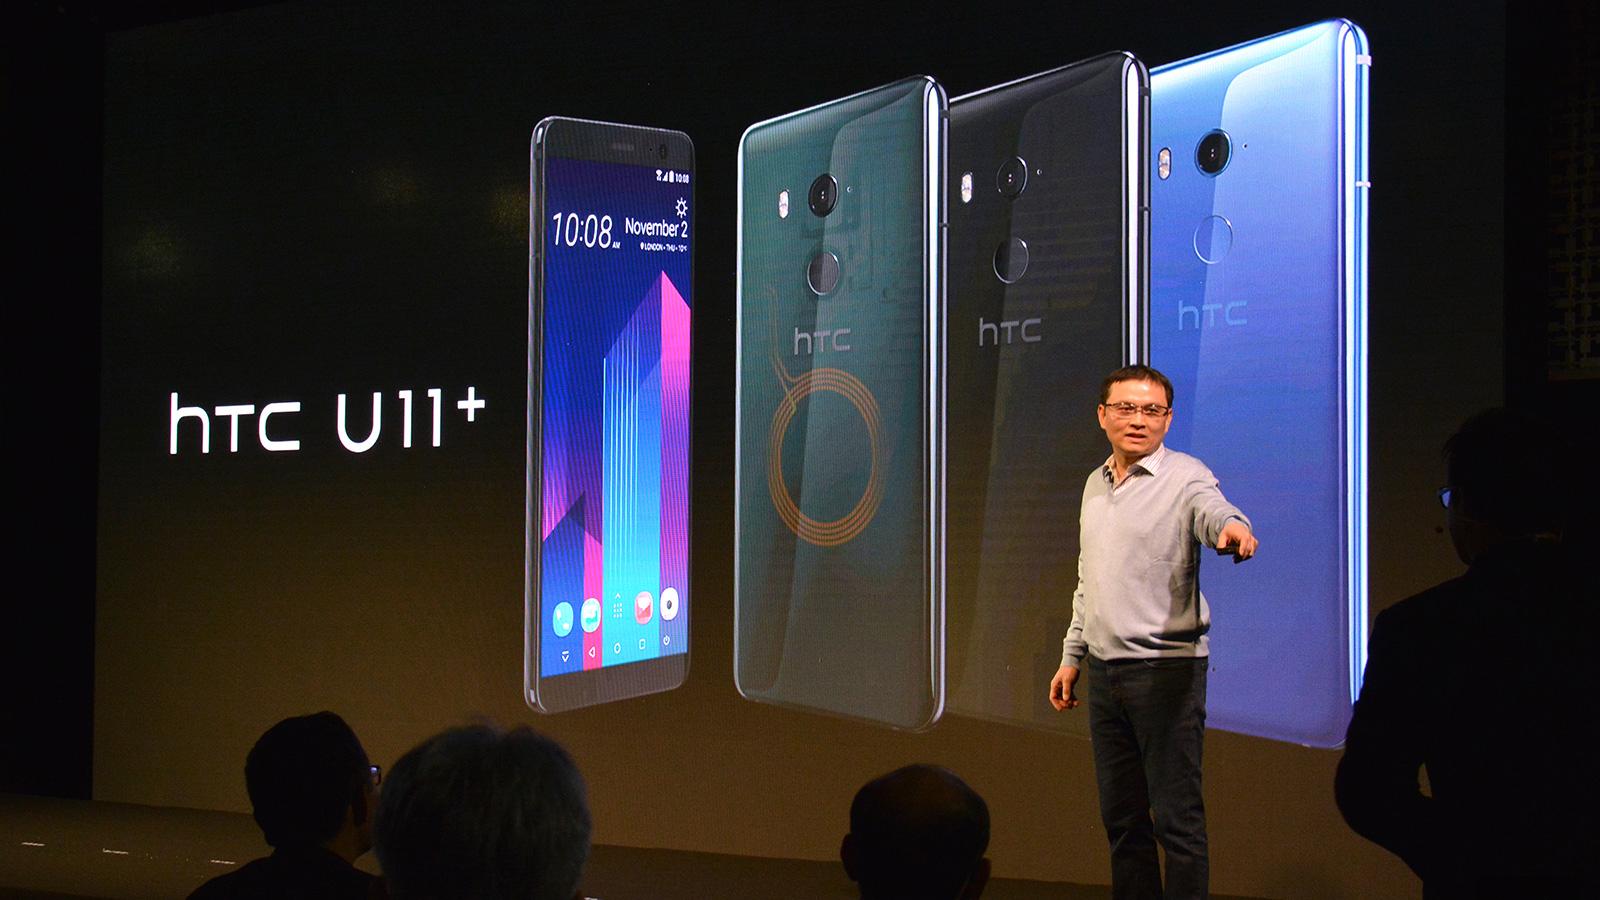 HTC Chialin Chang